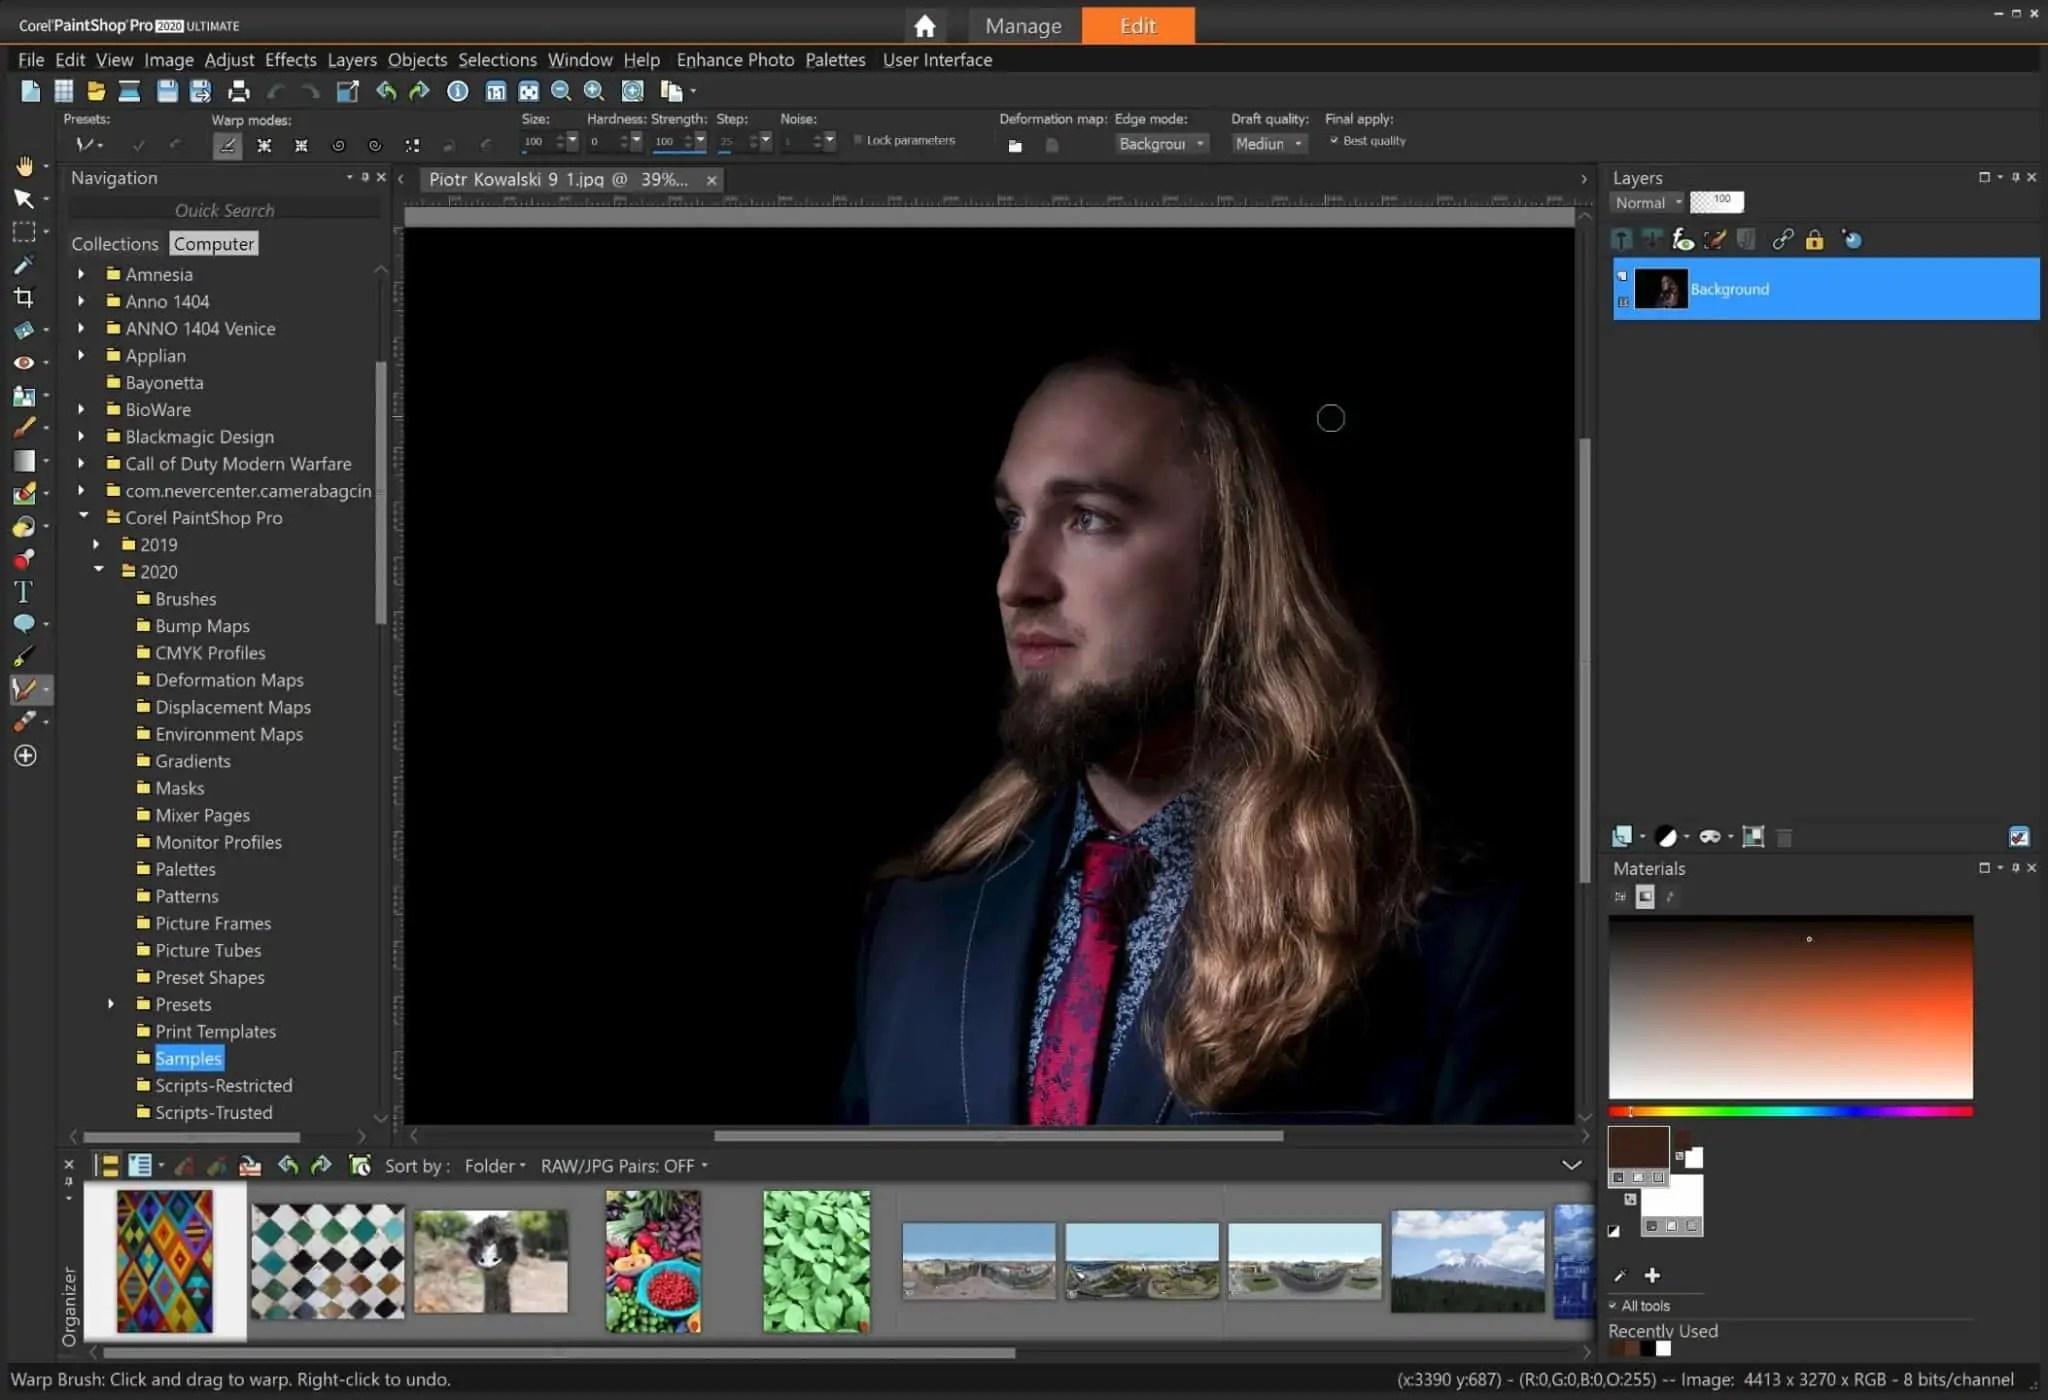 corel paint shop pro scaled - Affinity photo - alternatywa dla photoshopa